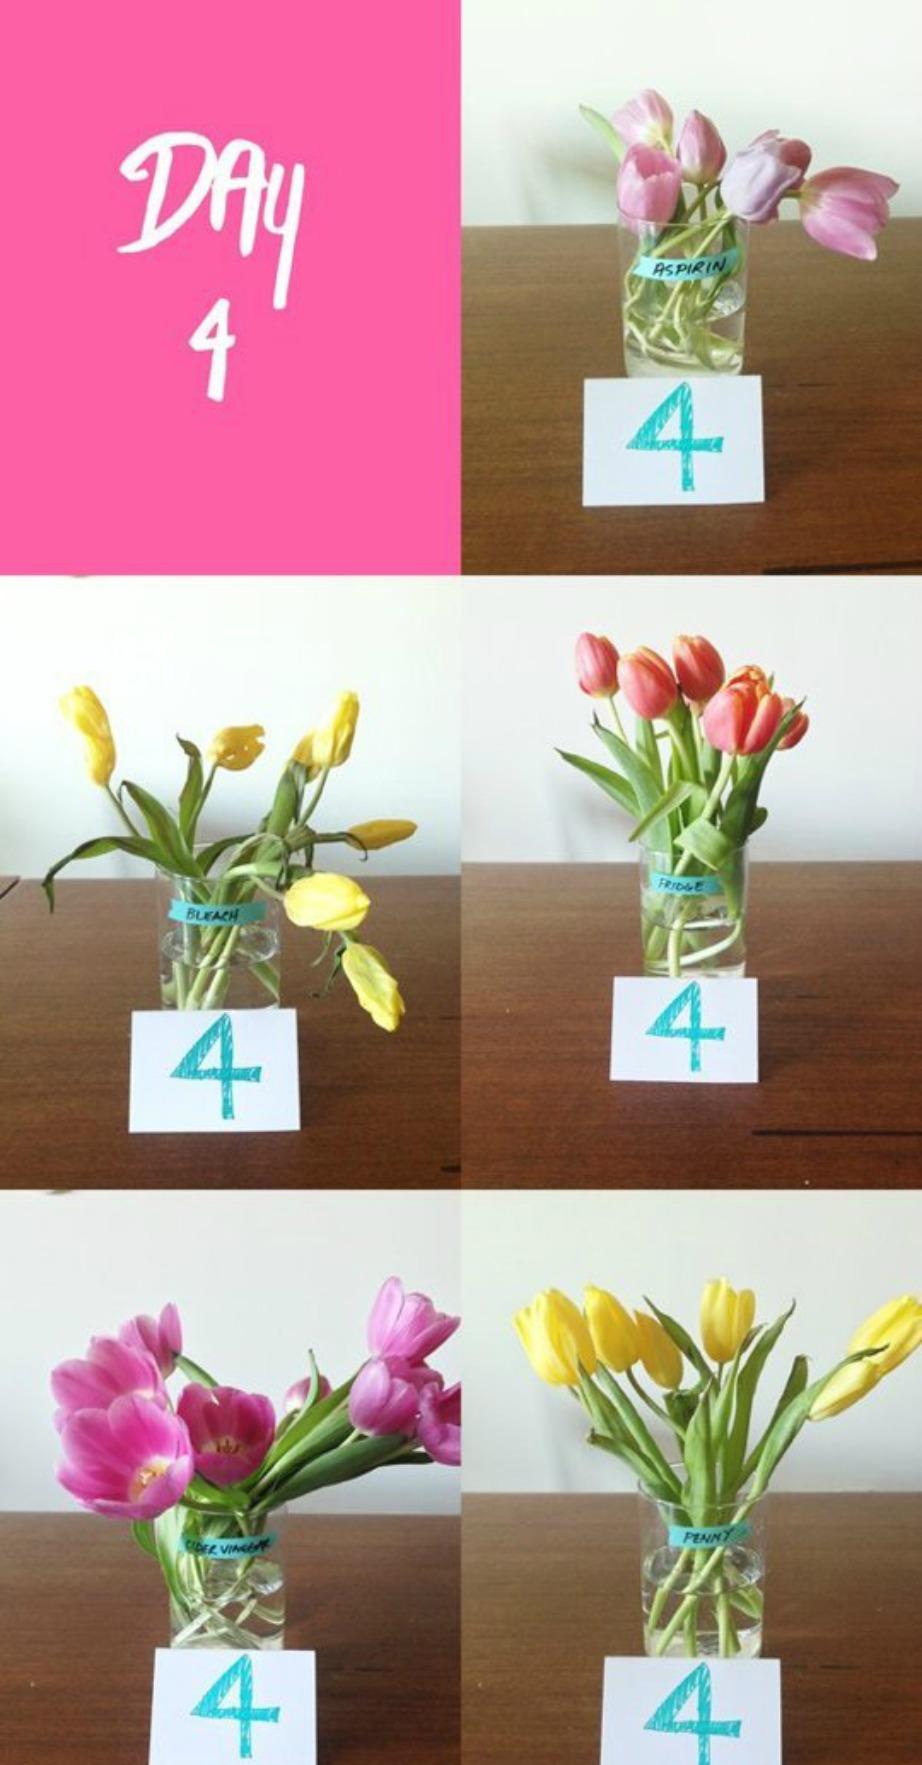 Την τέταρτη μέρα τα περισσότερα λουλούδια είχαν ήδη αρχίσει να μαραίνονται.